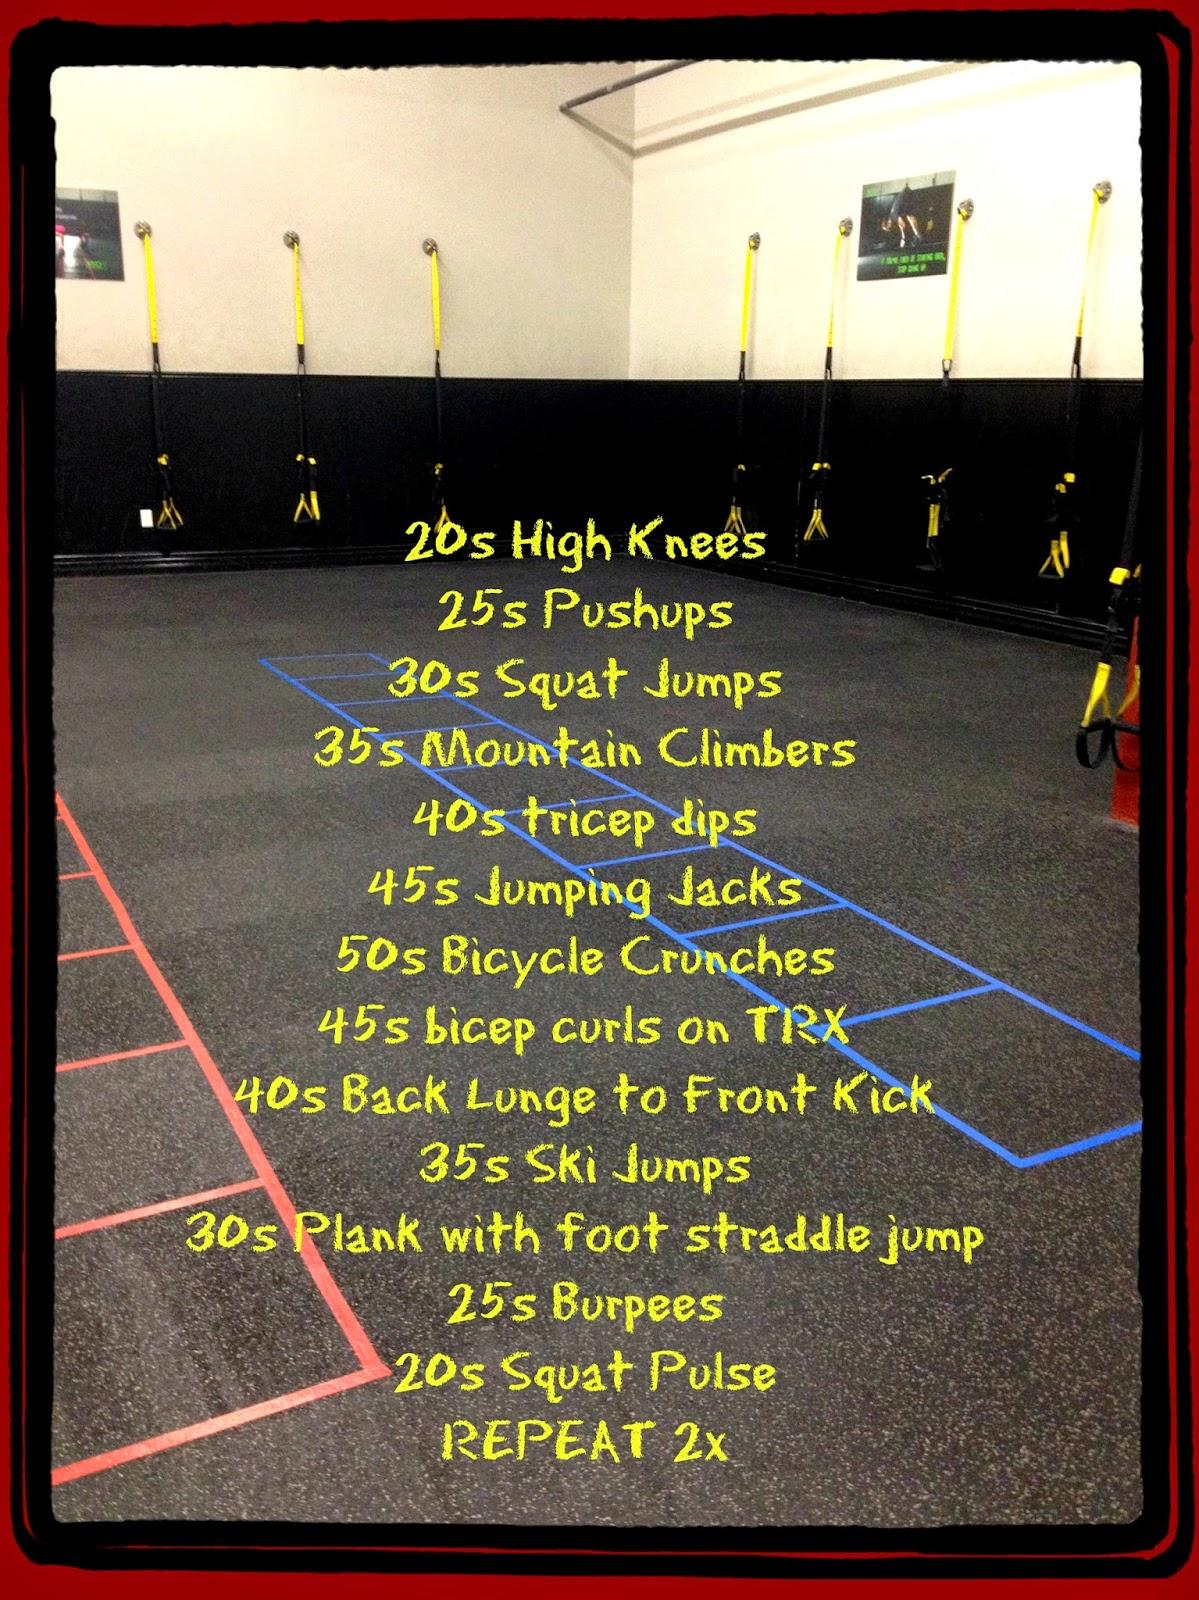 Runner Girl Fitness: Bootcamp Workout Ideas